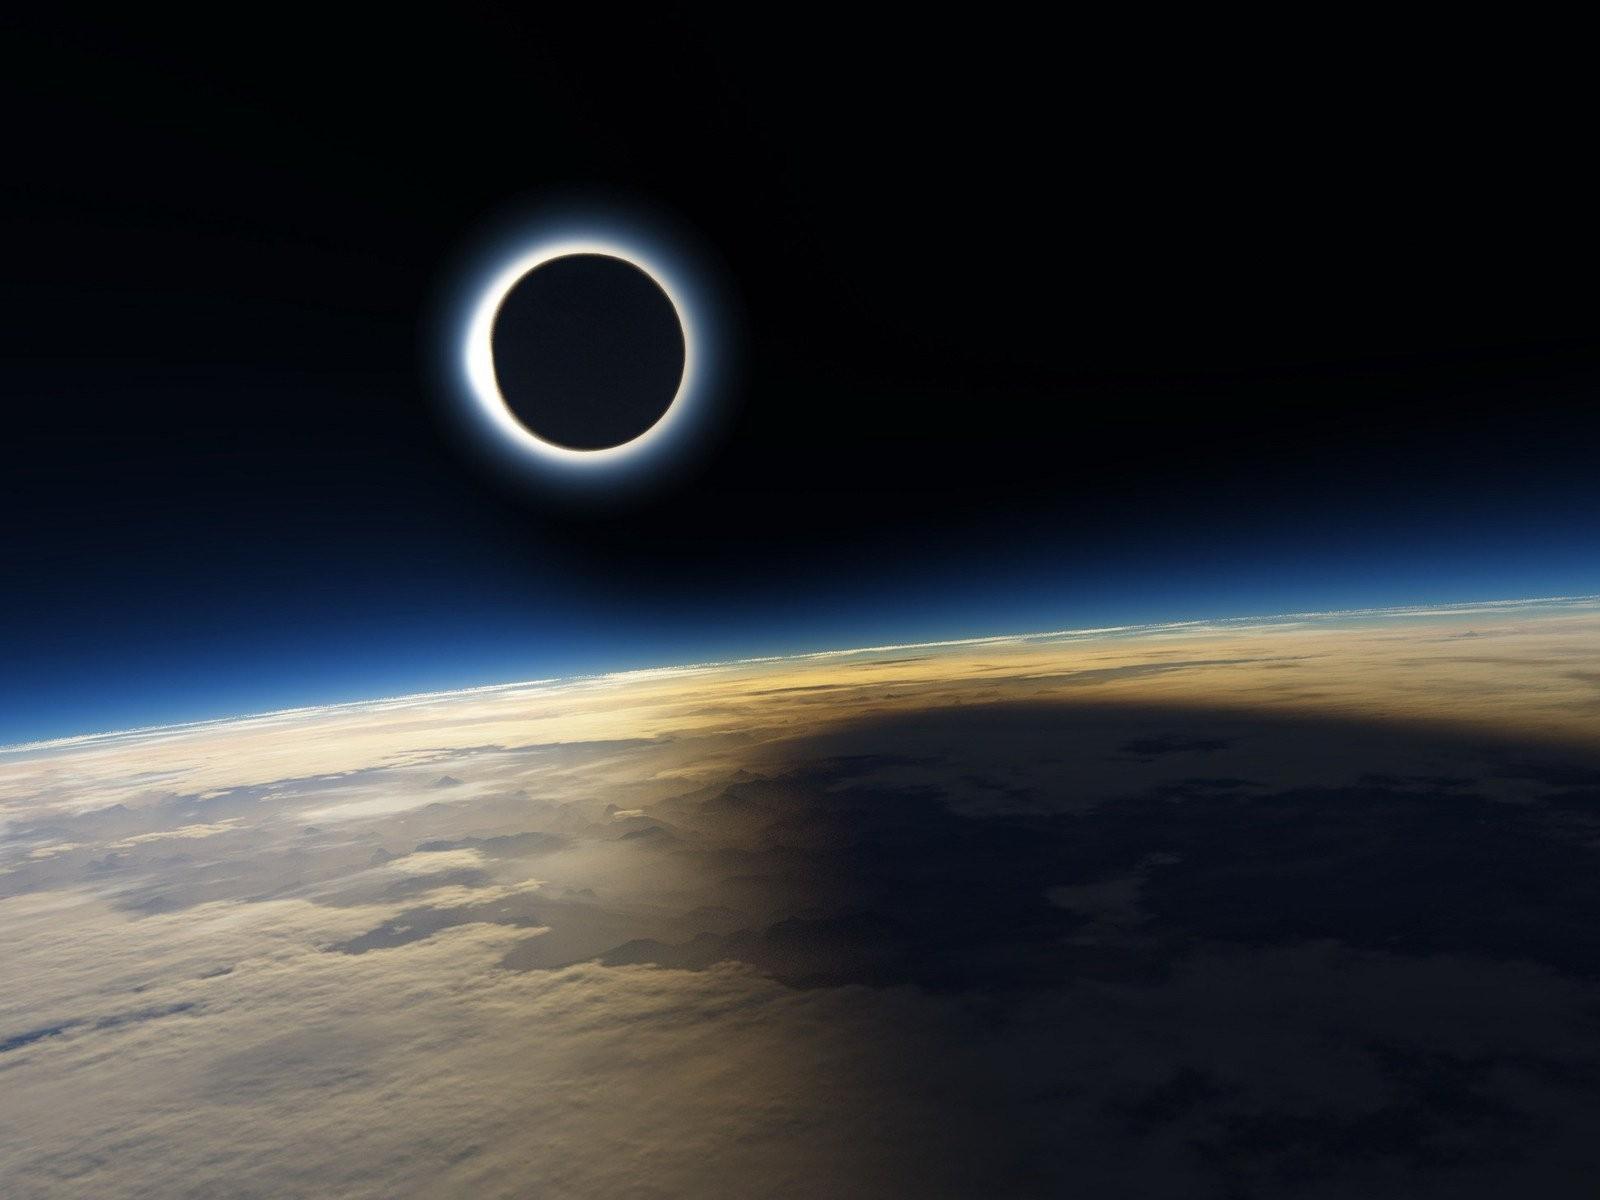 Спутник NASA зафиксировал черное тело возле Солнца во время затмения